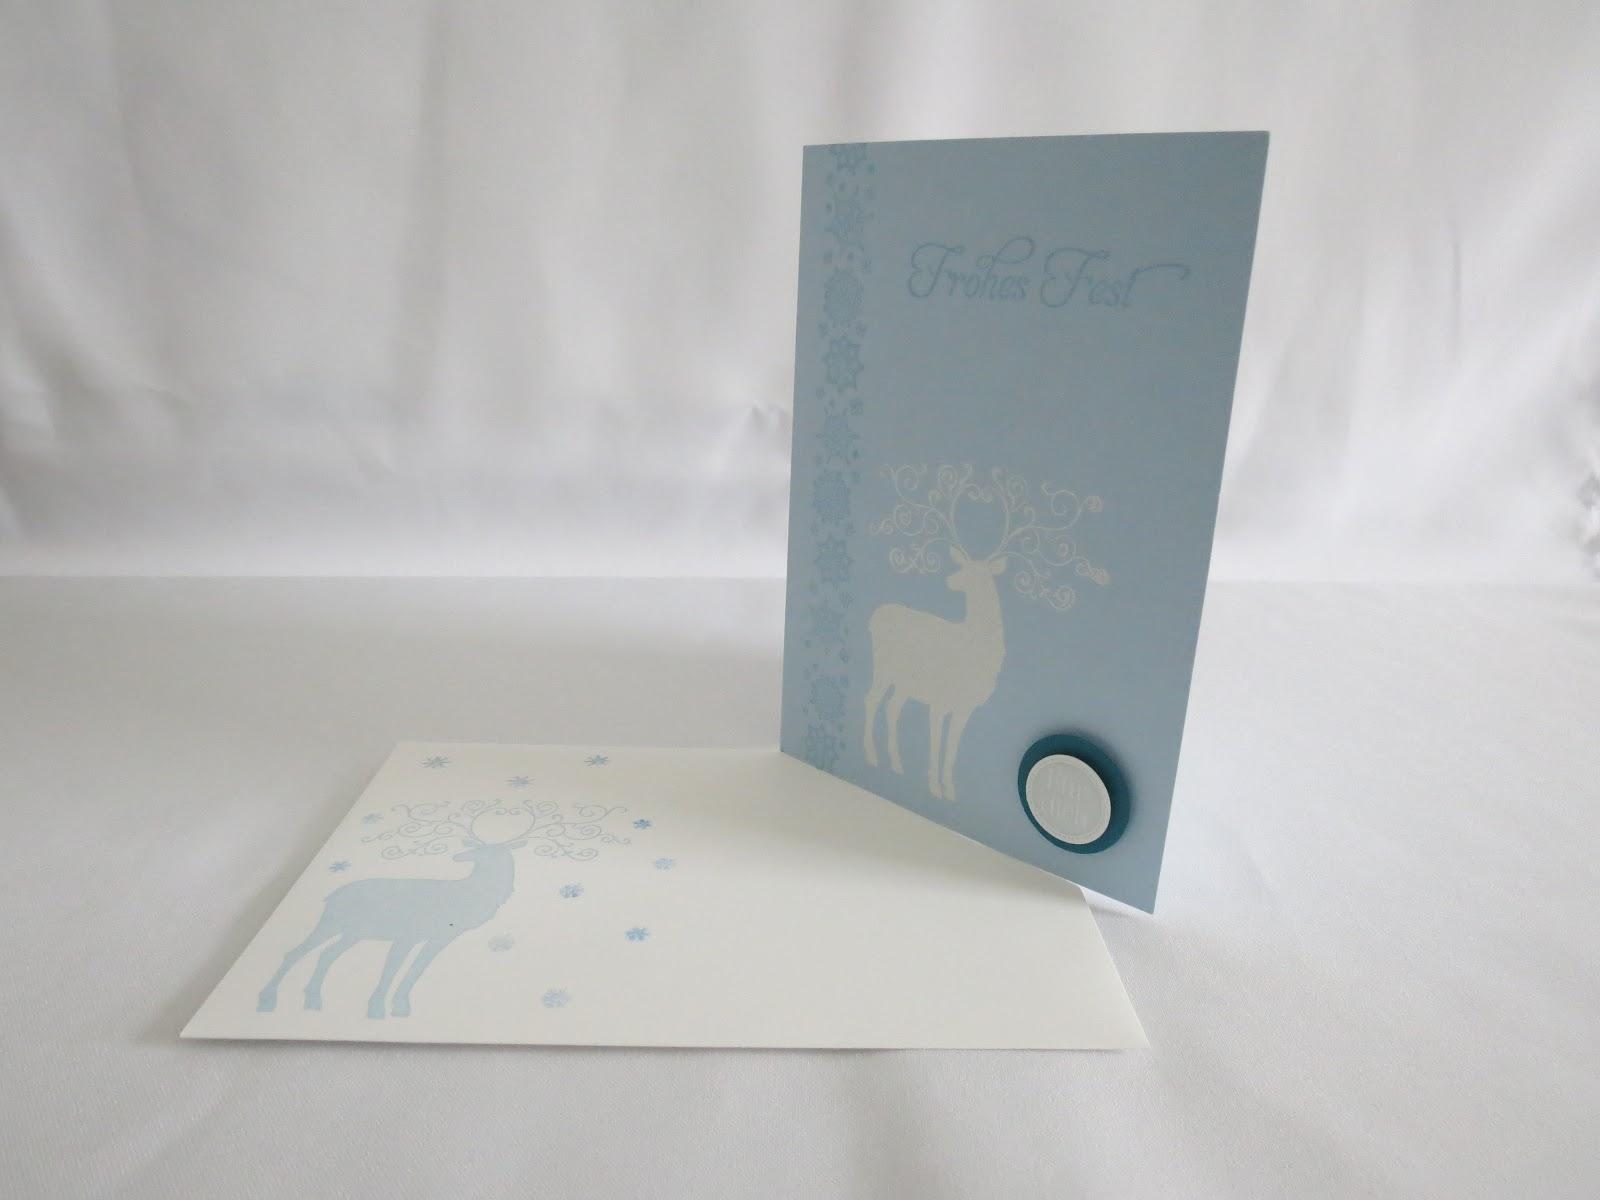 Diana s kreative welt weihnachtskarte einer freundin - Weihnachtskarte freundin ...